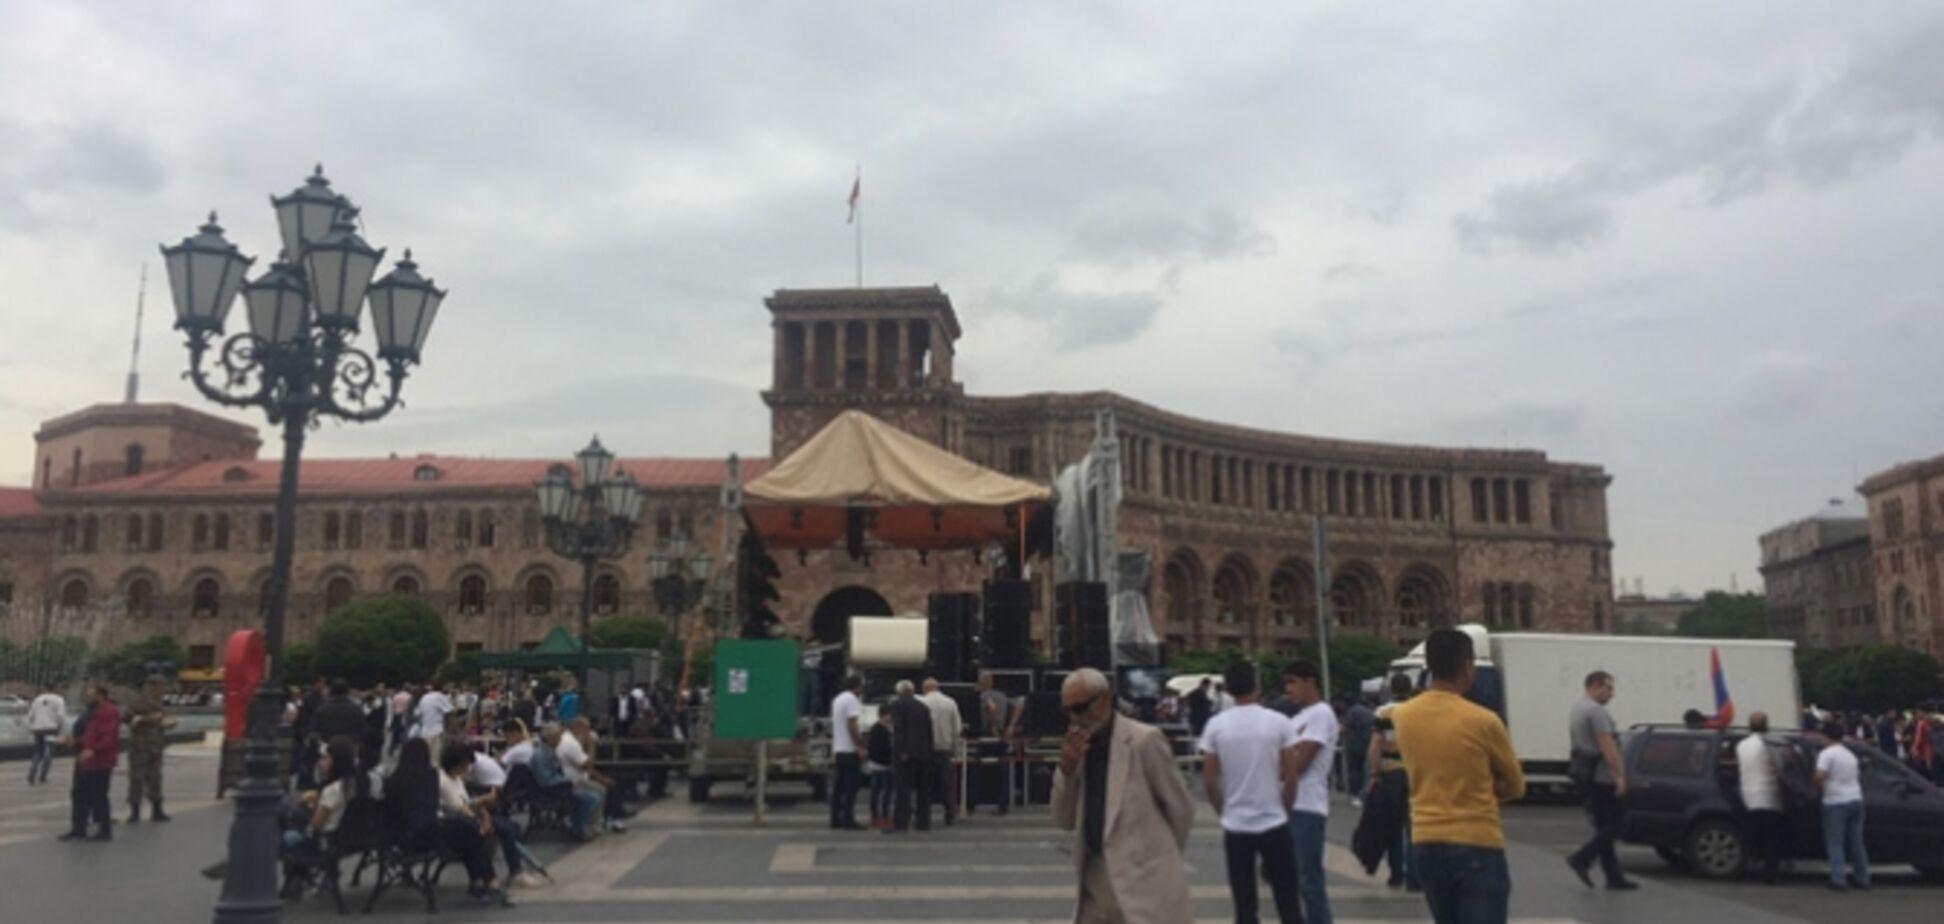 Майдан в Вірменії: тисячі людей вийшли на головну площу Єревана. Фото, відео